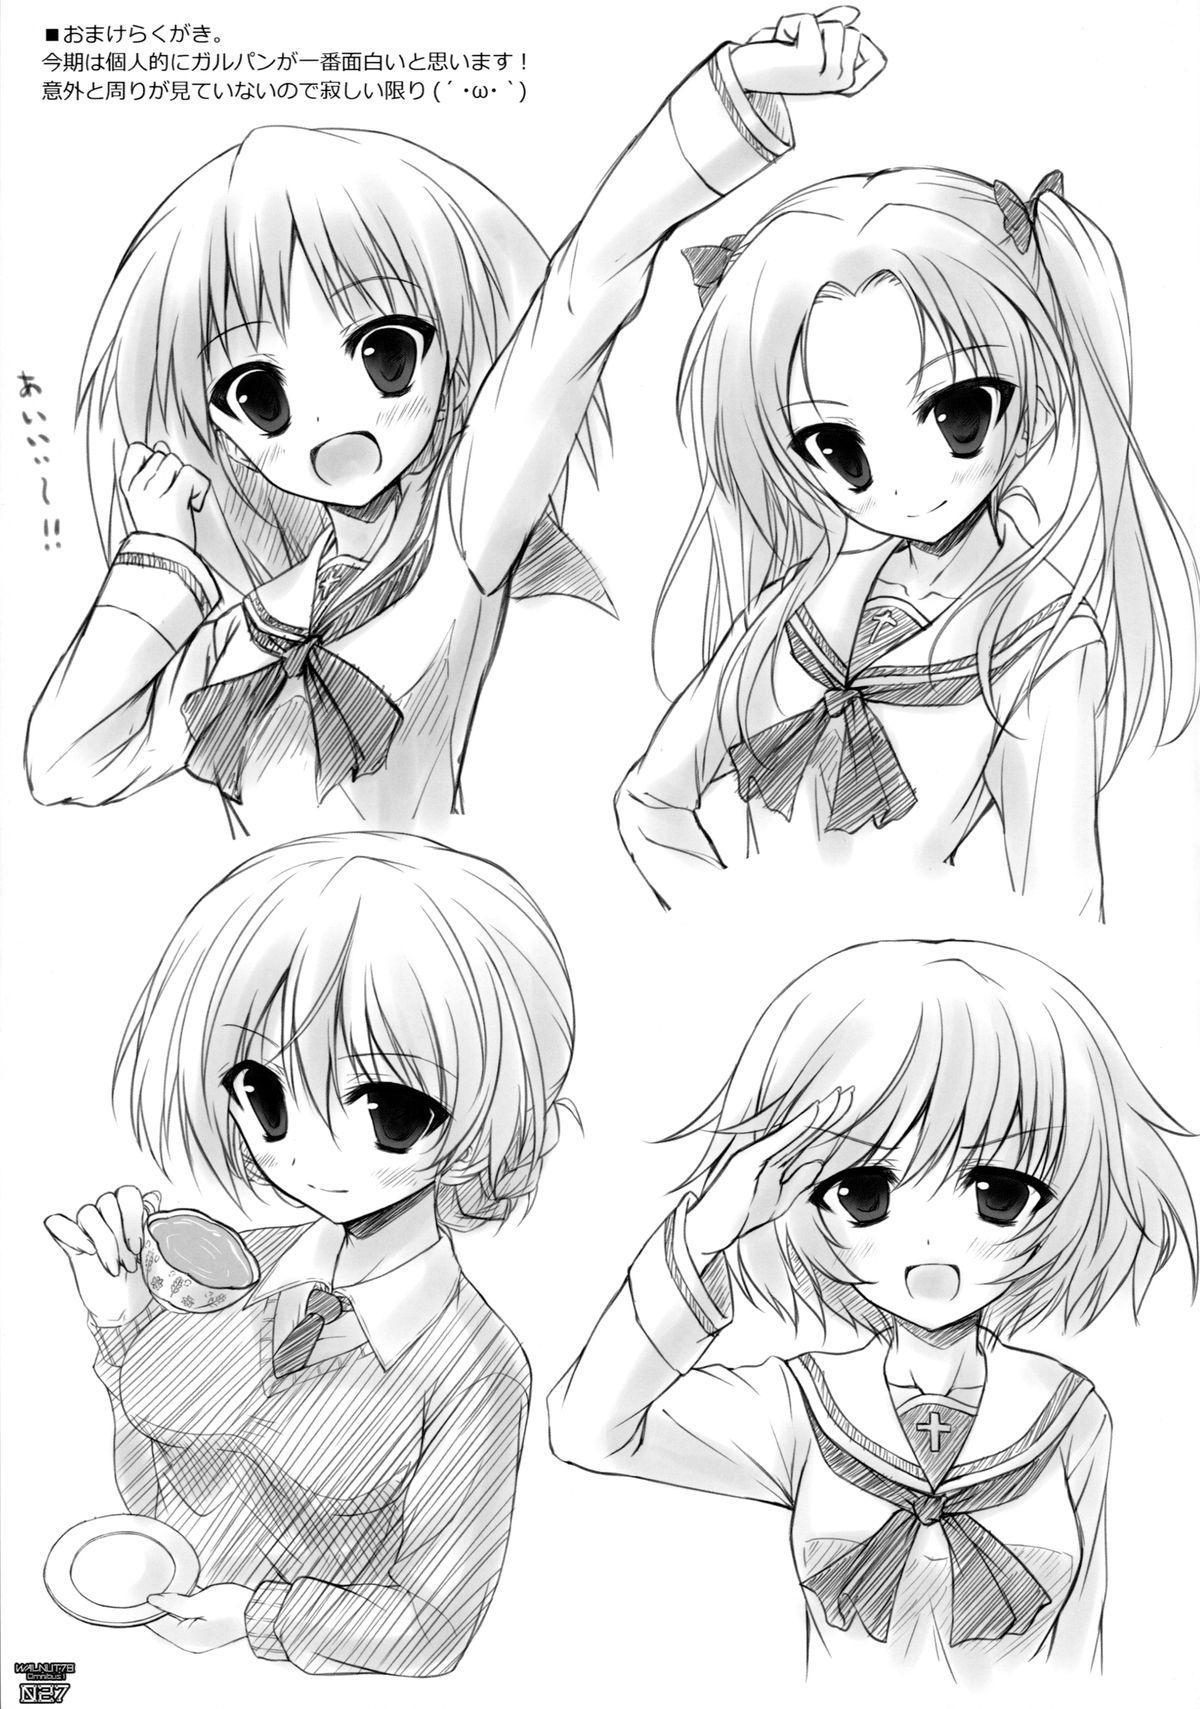 (C89) [Sui-en (Sui-en)] WALNUT78 Omnibus 1 -Suien-en Illustrations 2012-2014- (Various) 24